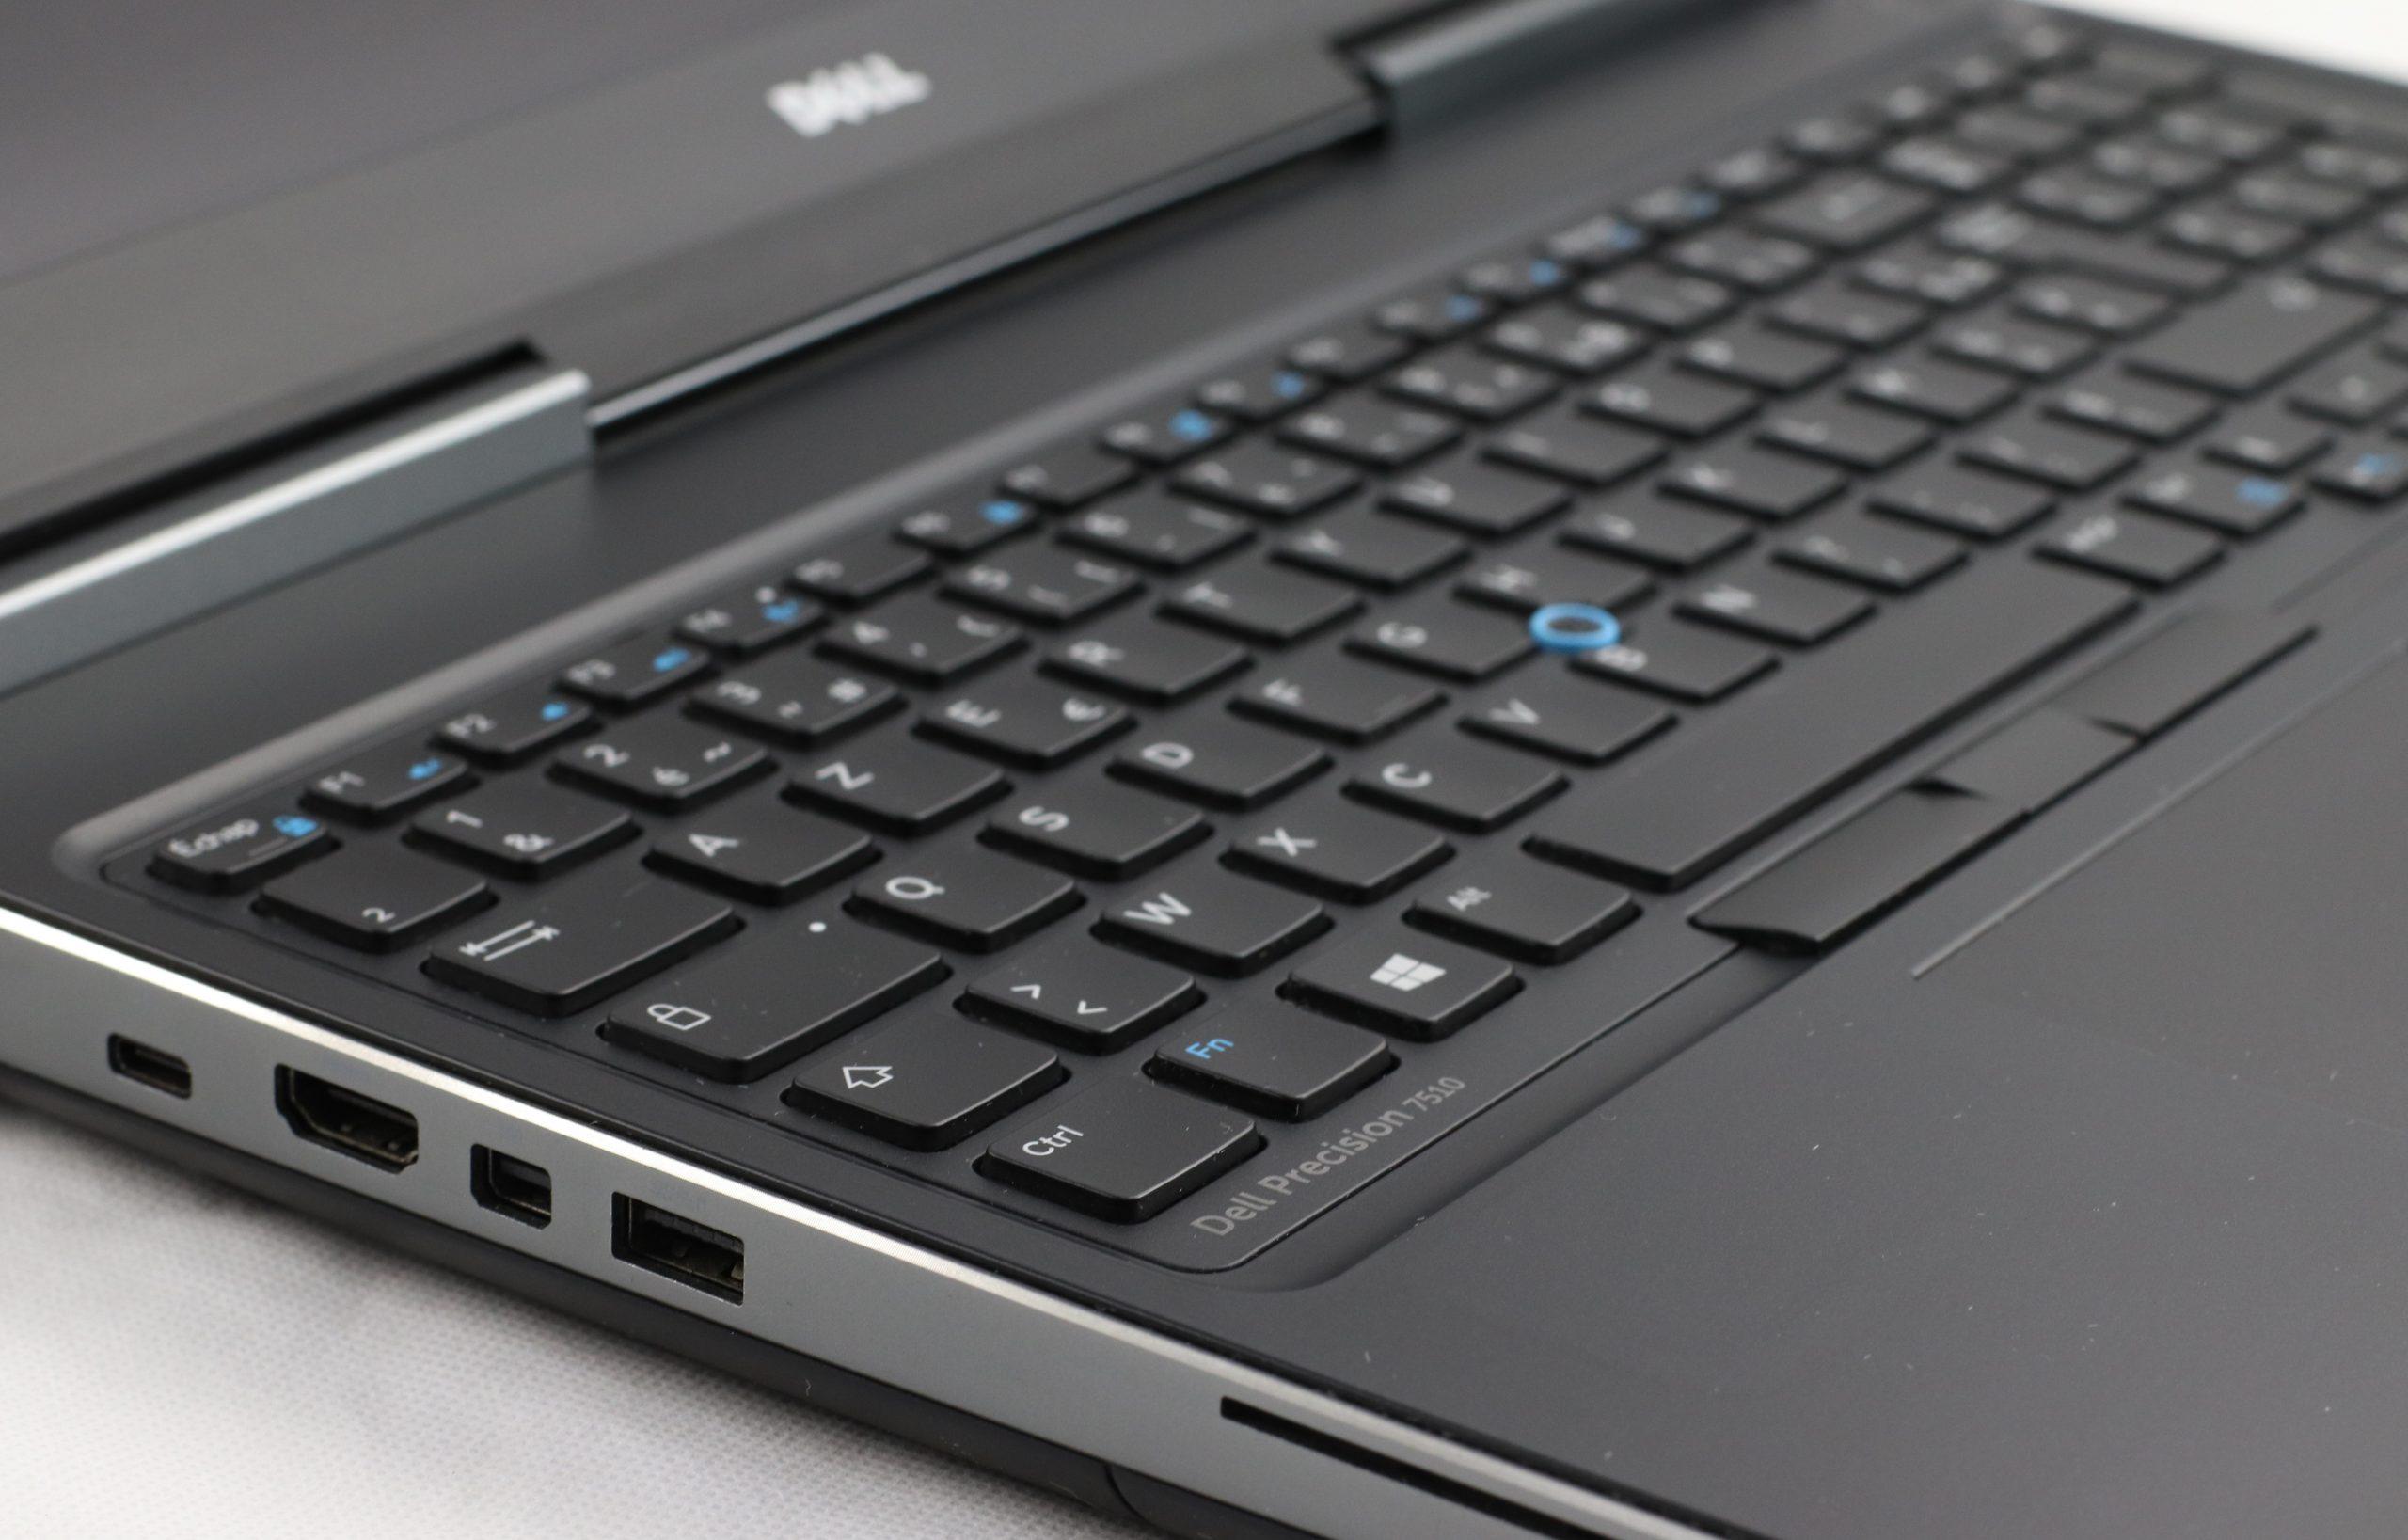 Dell Precision 7510 clavier